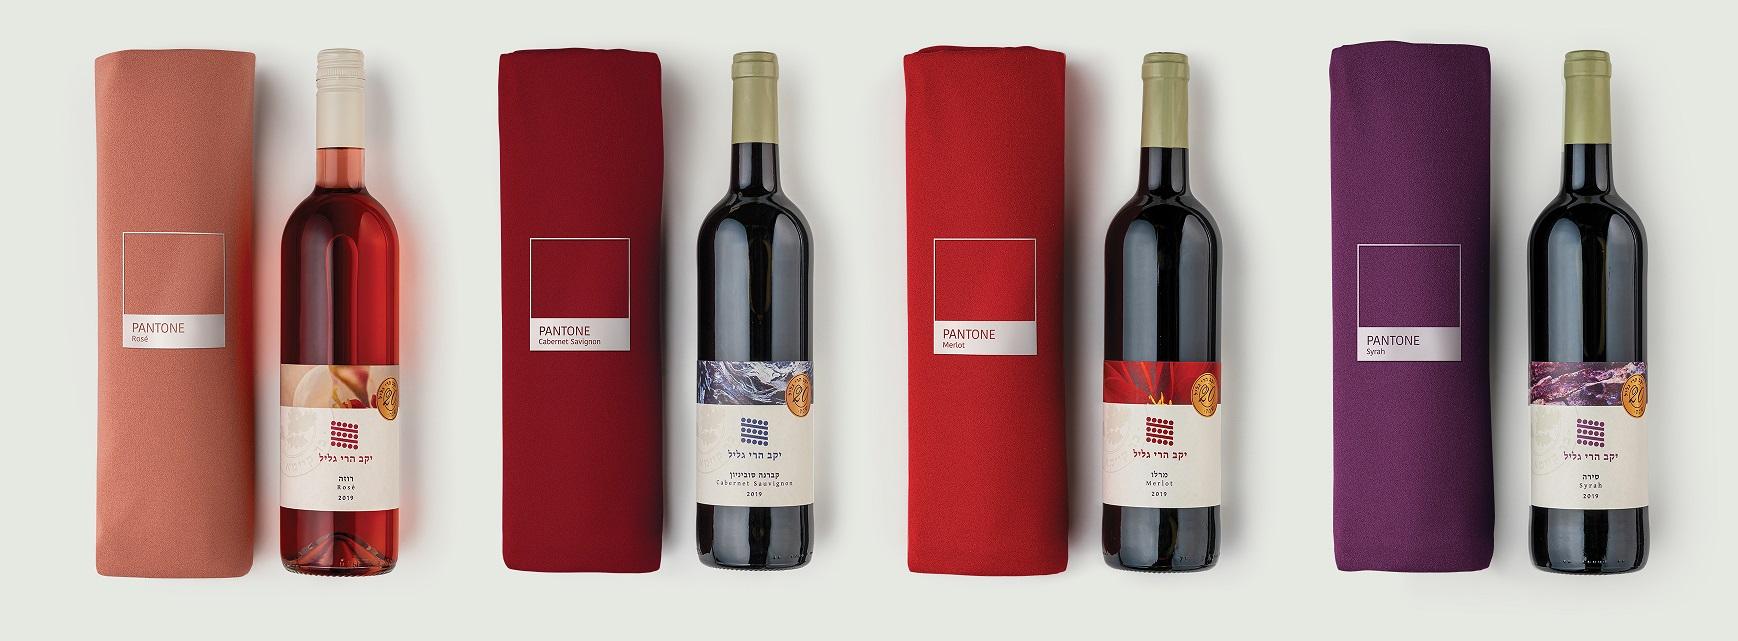 יין ומפה יקב הרי גליל וחברת המשקם